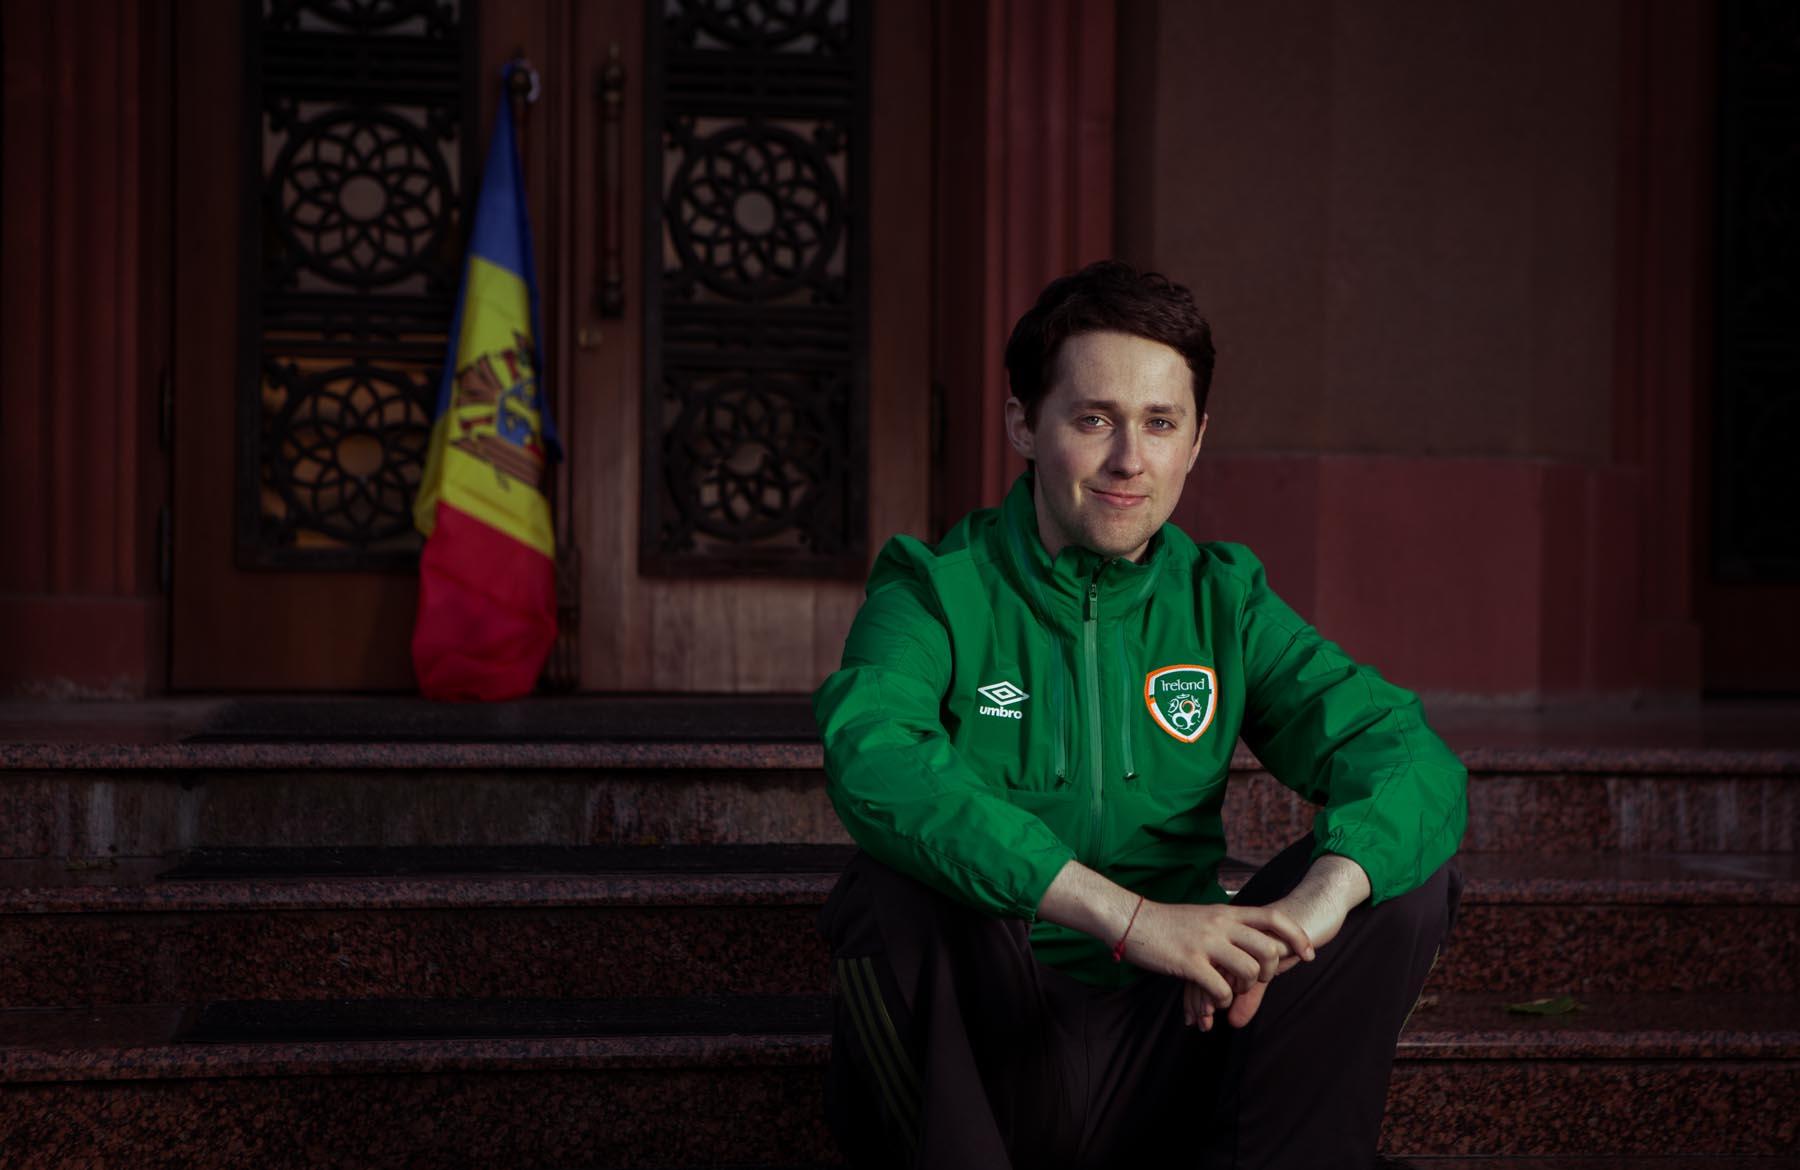 Cathal Brennan